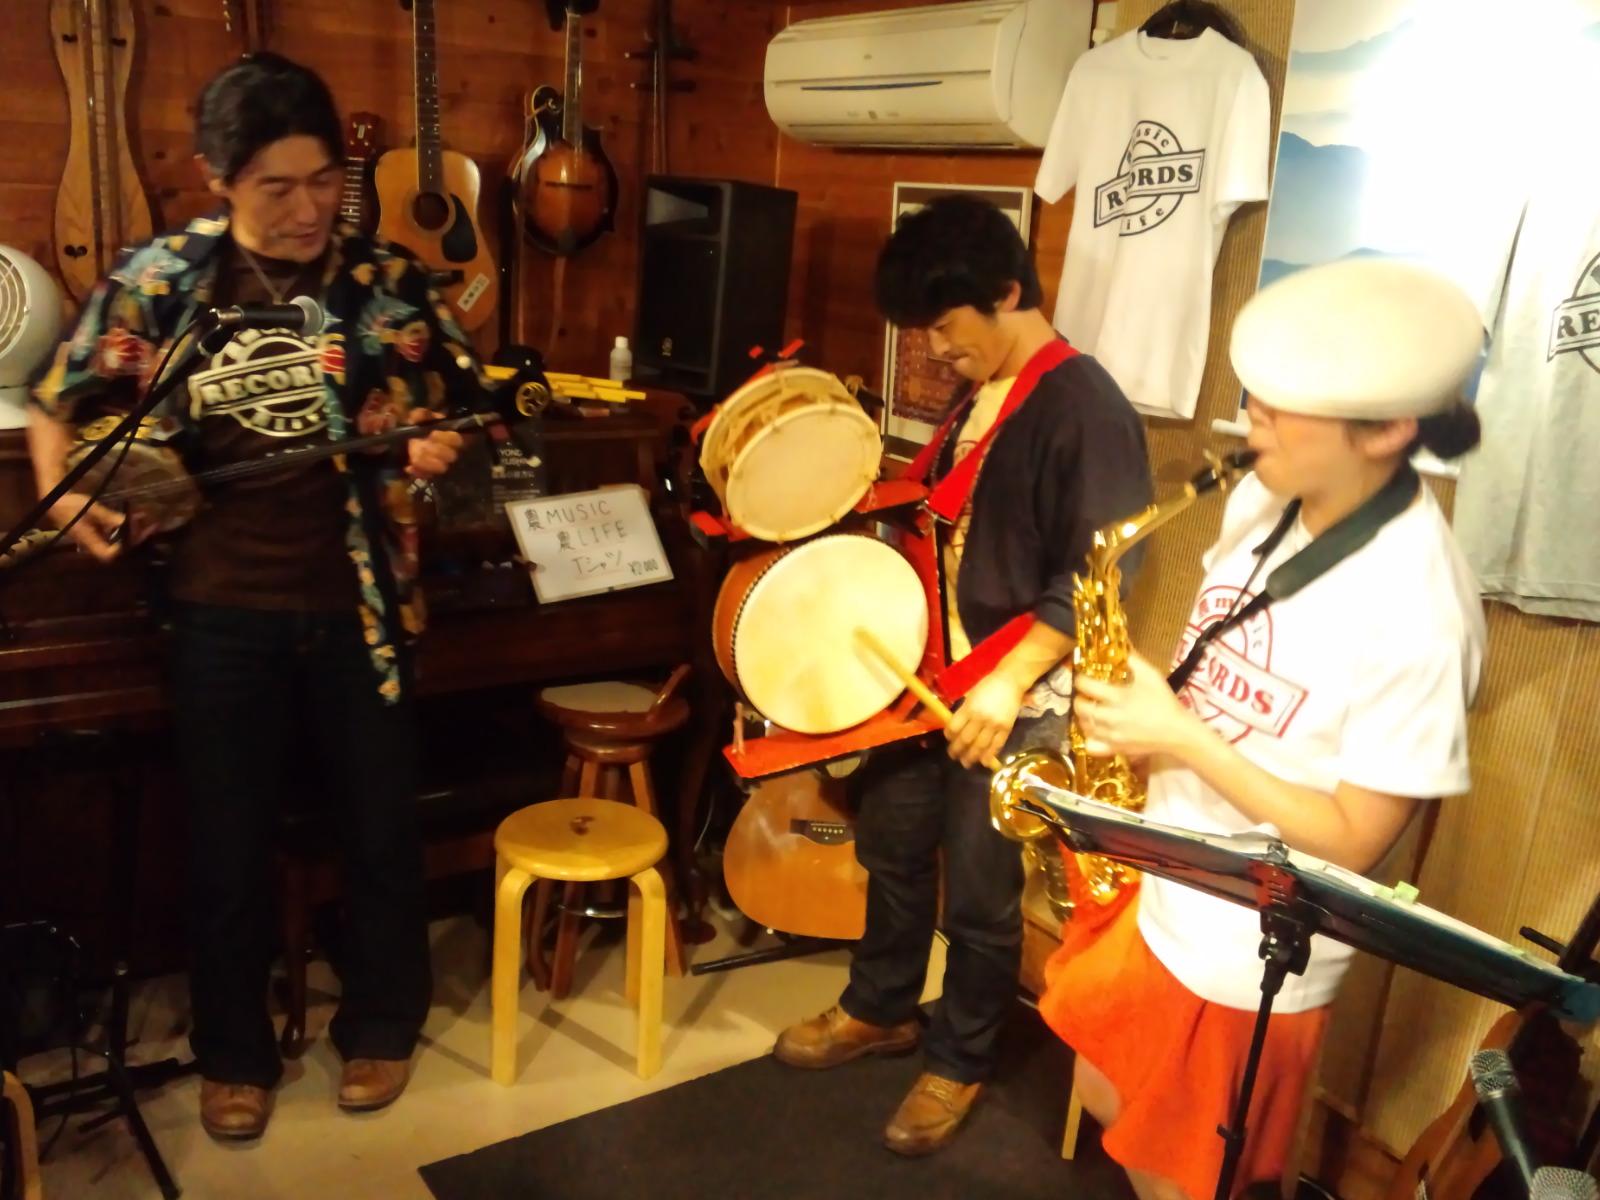 いよいよ明日3/9(水)~農music農liferecords+広瀬波子★渋谷 aubeshibuya